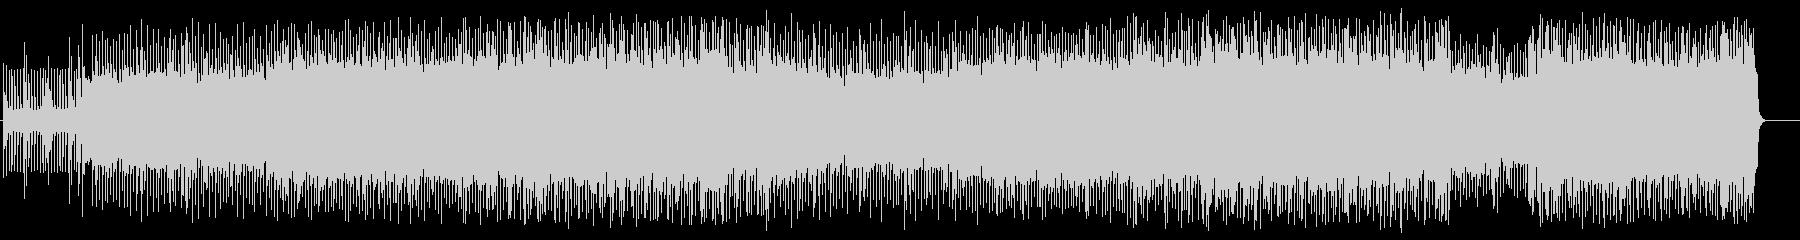 フリーダム全開アクセル・オンの未再生の波形